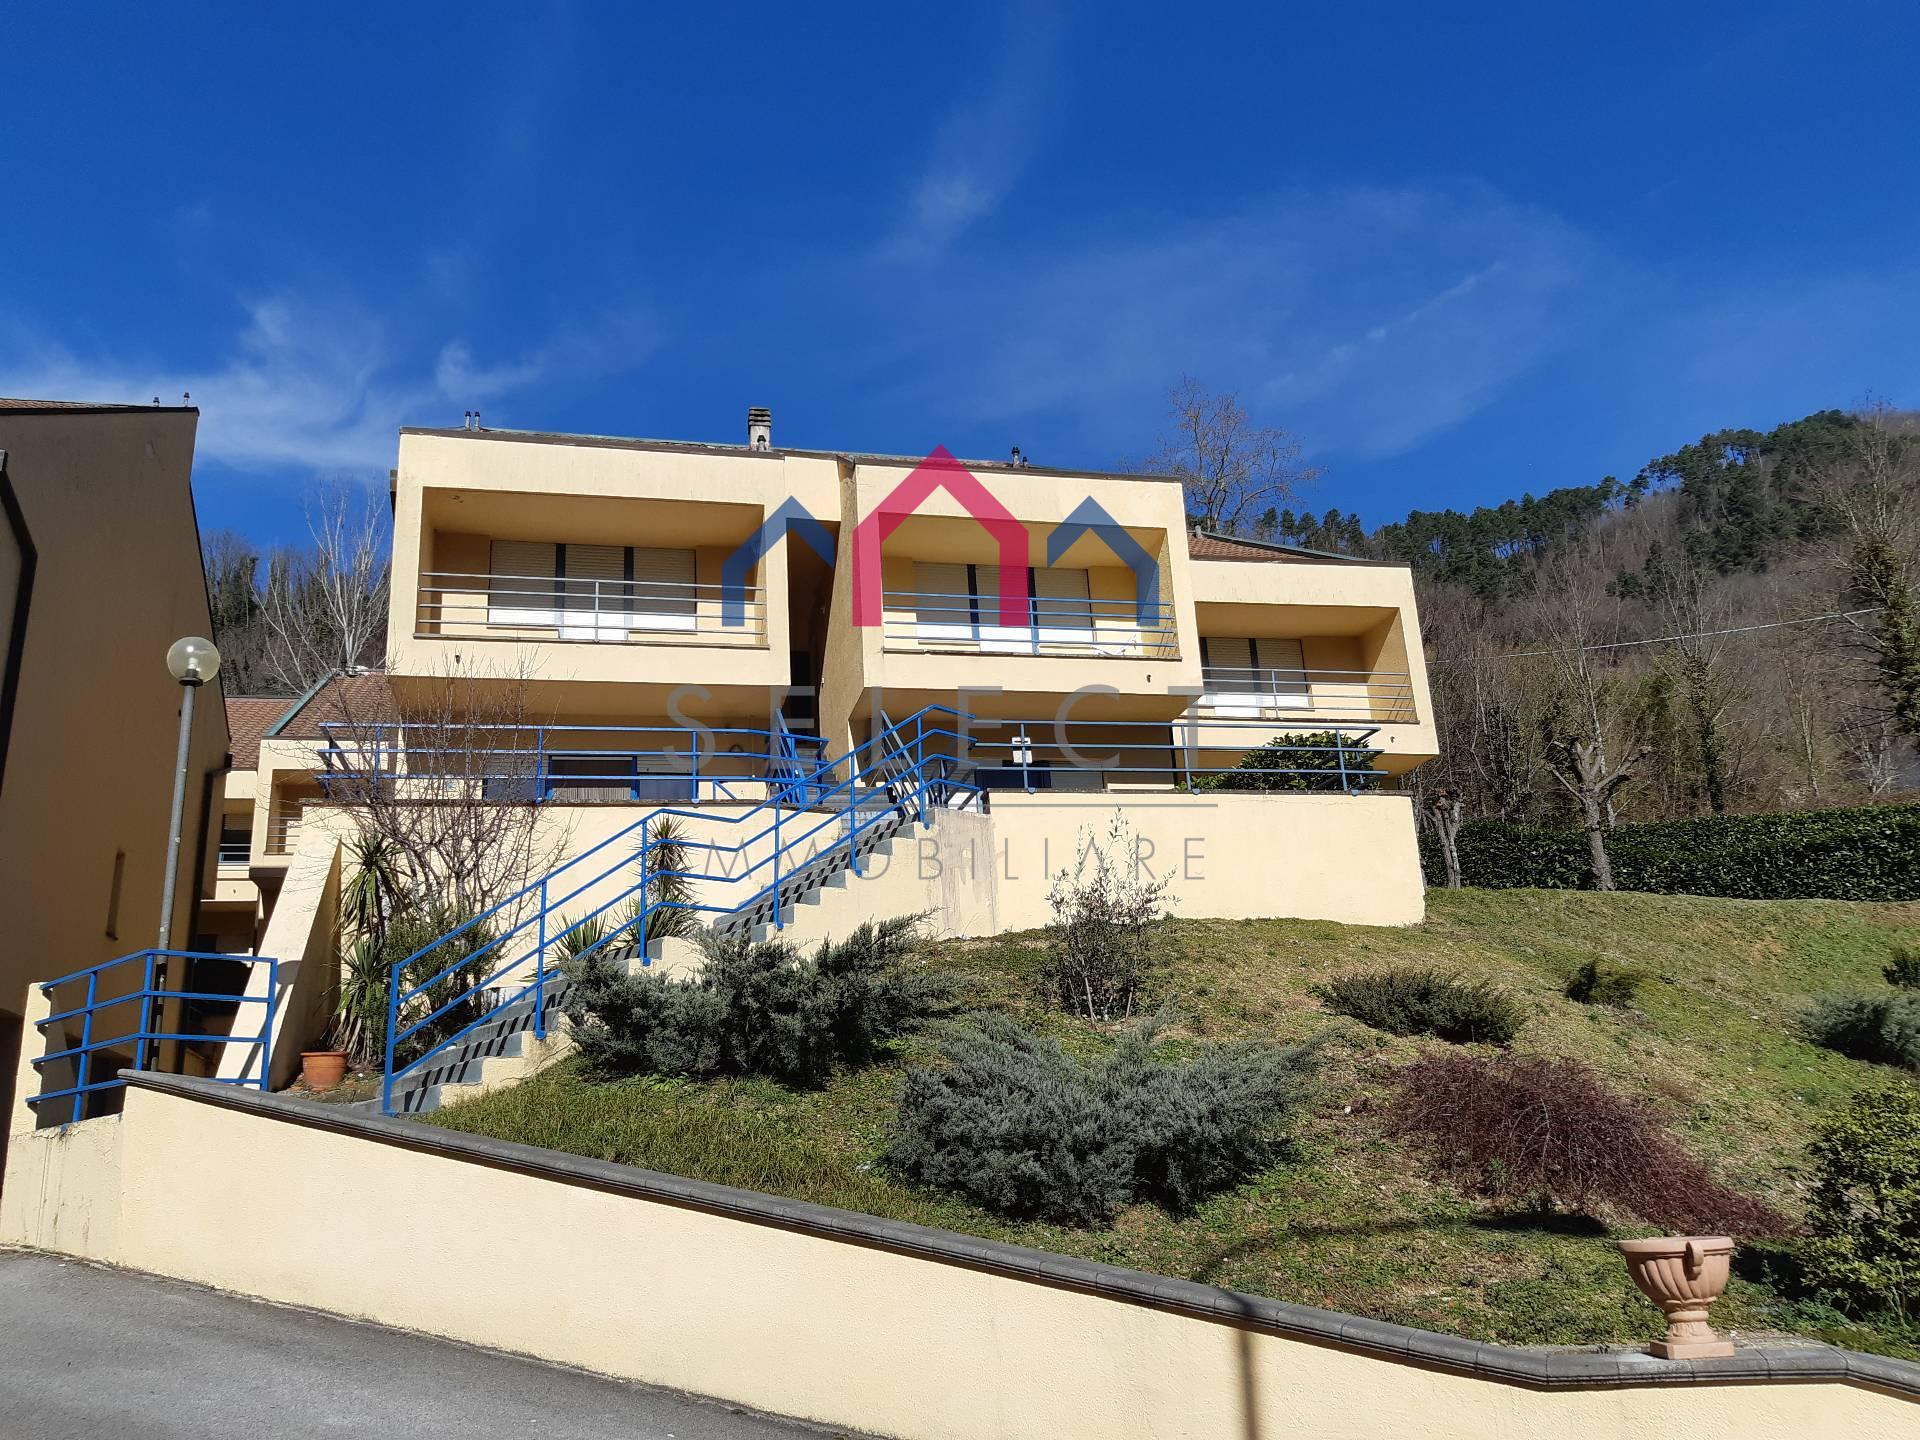 Appartamento in vendita a Bagni di Lucca, 3 locali, prezzo € 85.000 | PortaleAgenzieImmobiliari.it